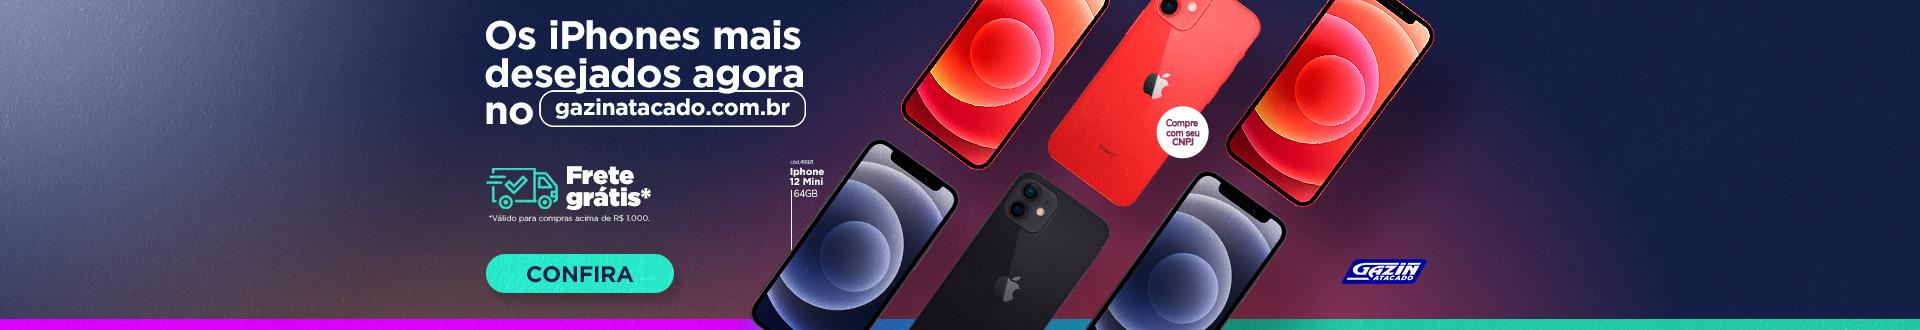 Celular Apple Iphone